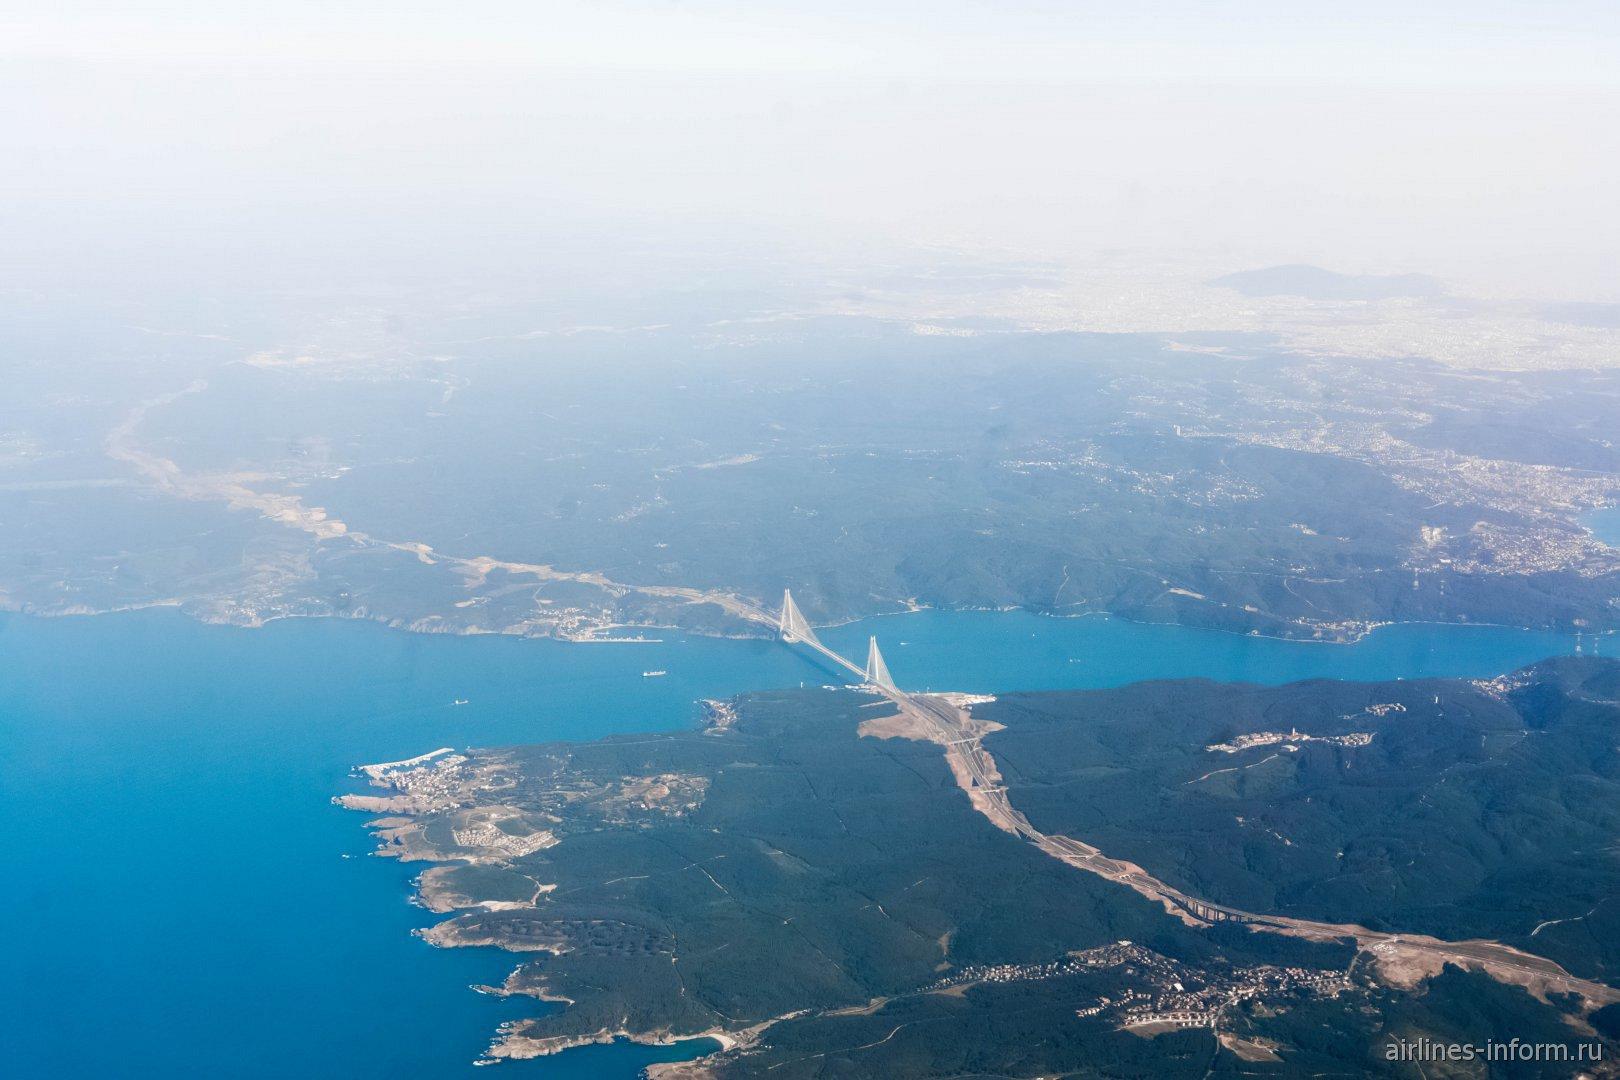 Пролив Босфор у побережья Черного моря